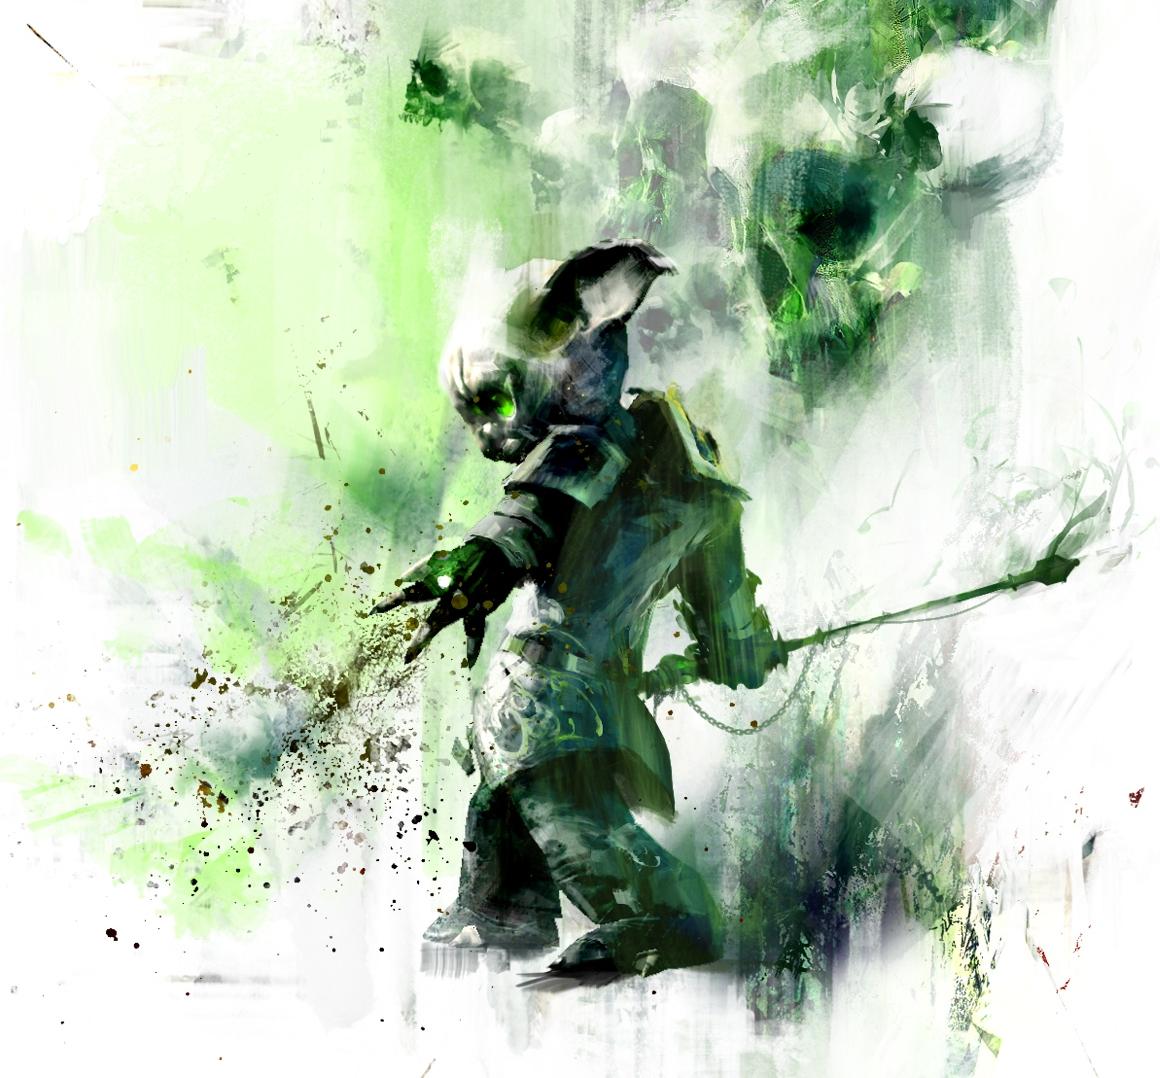 https://i0.wp.com/wiki.guildwars2.com/images/1/14/Necromancer_03_concept_art.jpg